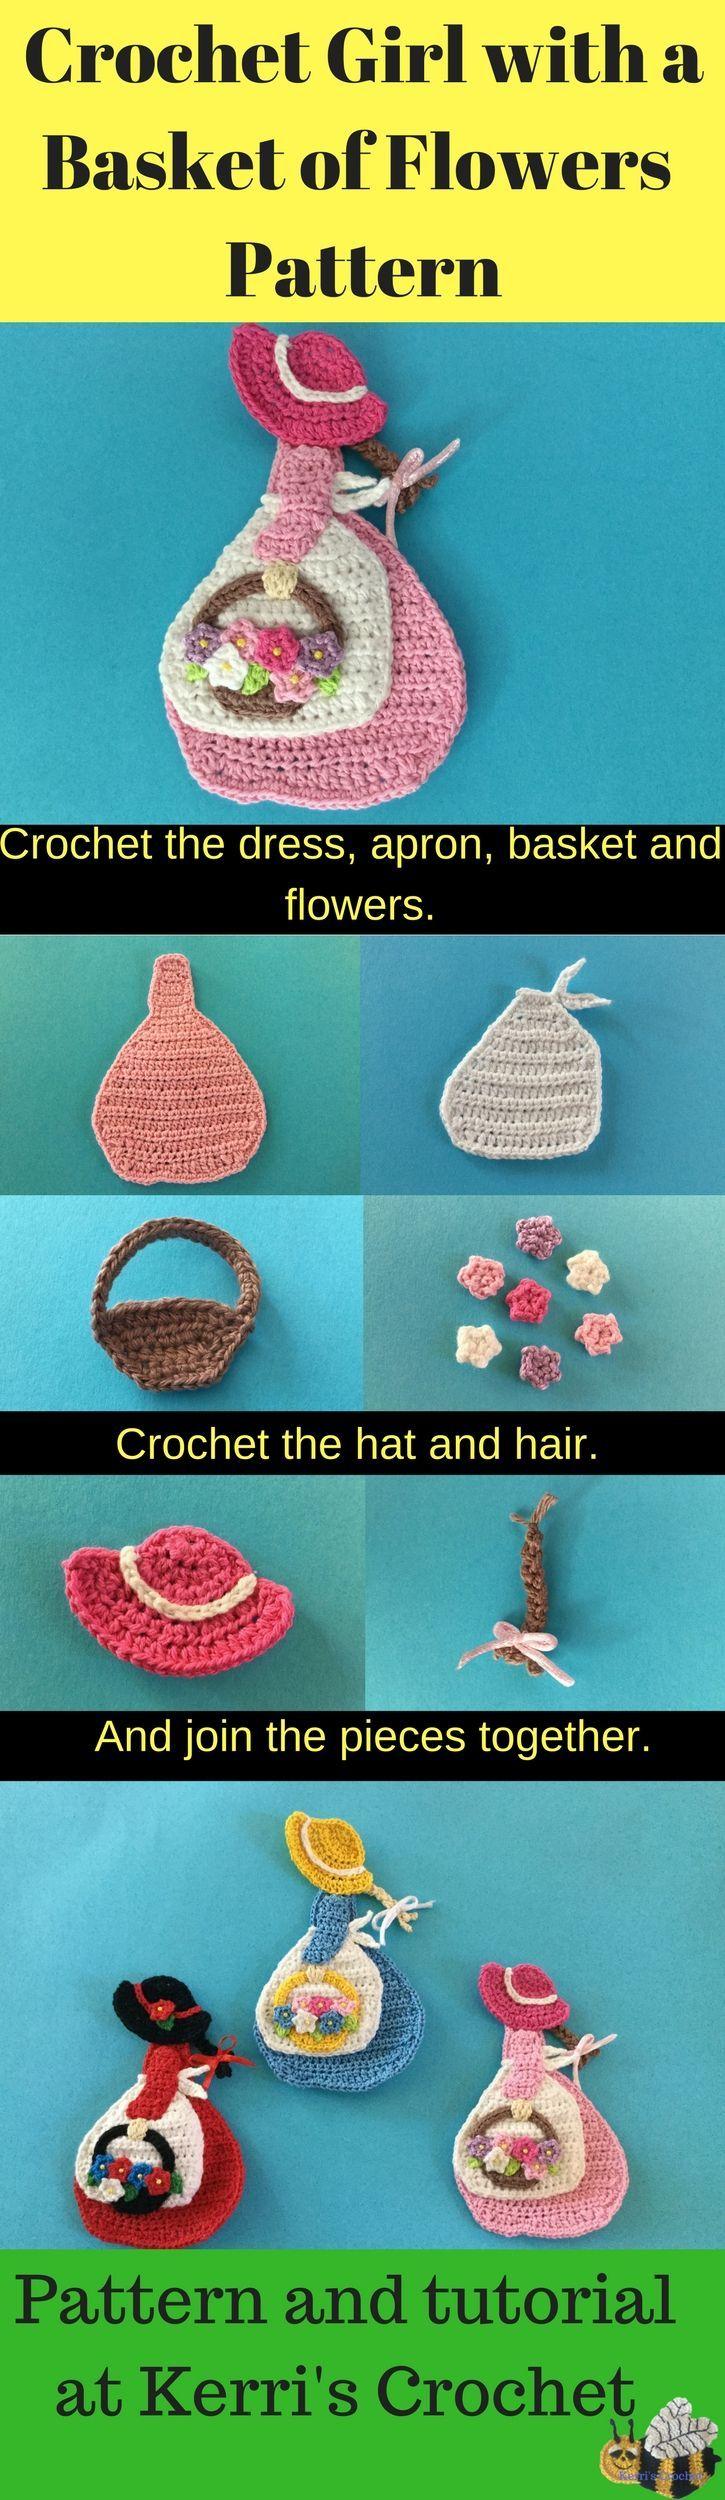 Girl with a Basket of Flowers Crochet Pattern • Kerri's Crochet